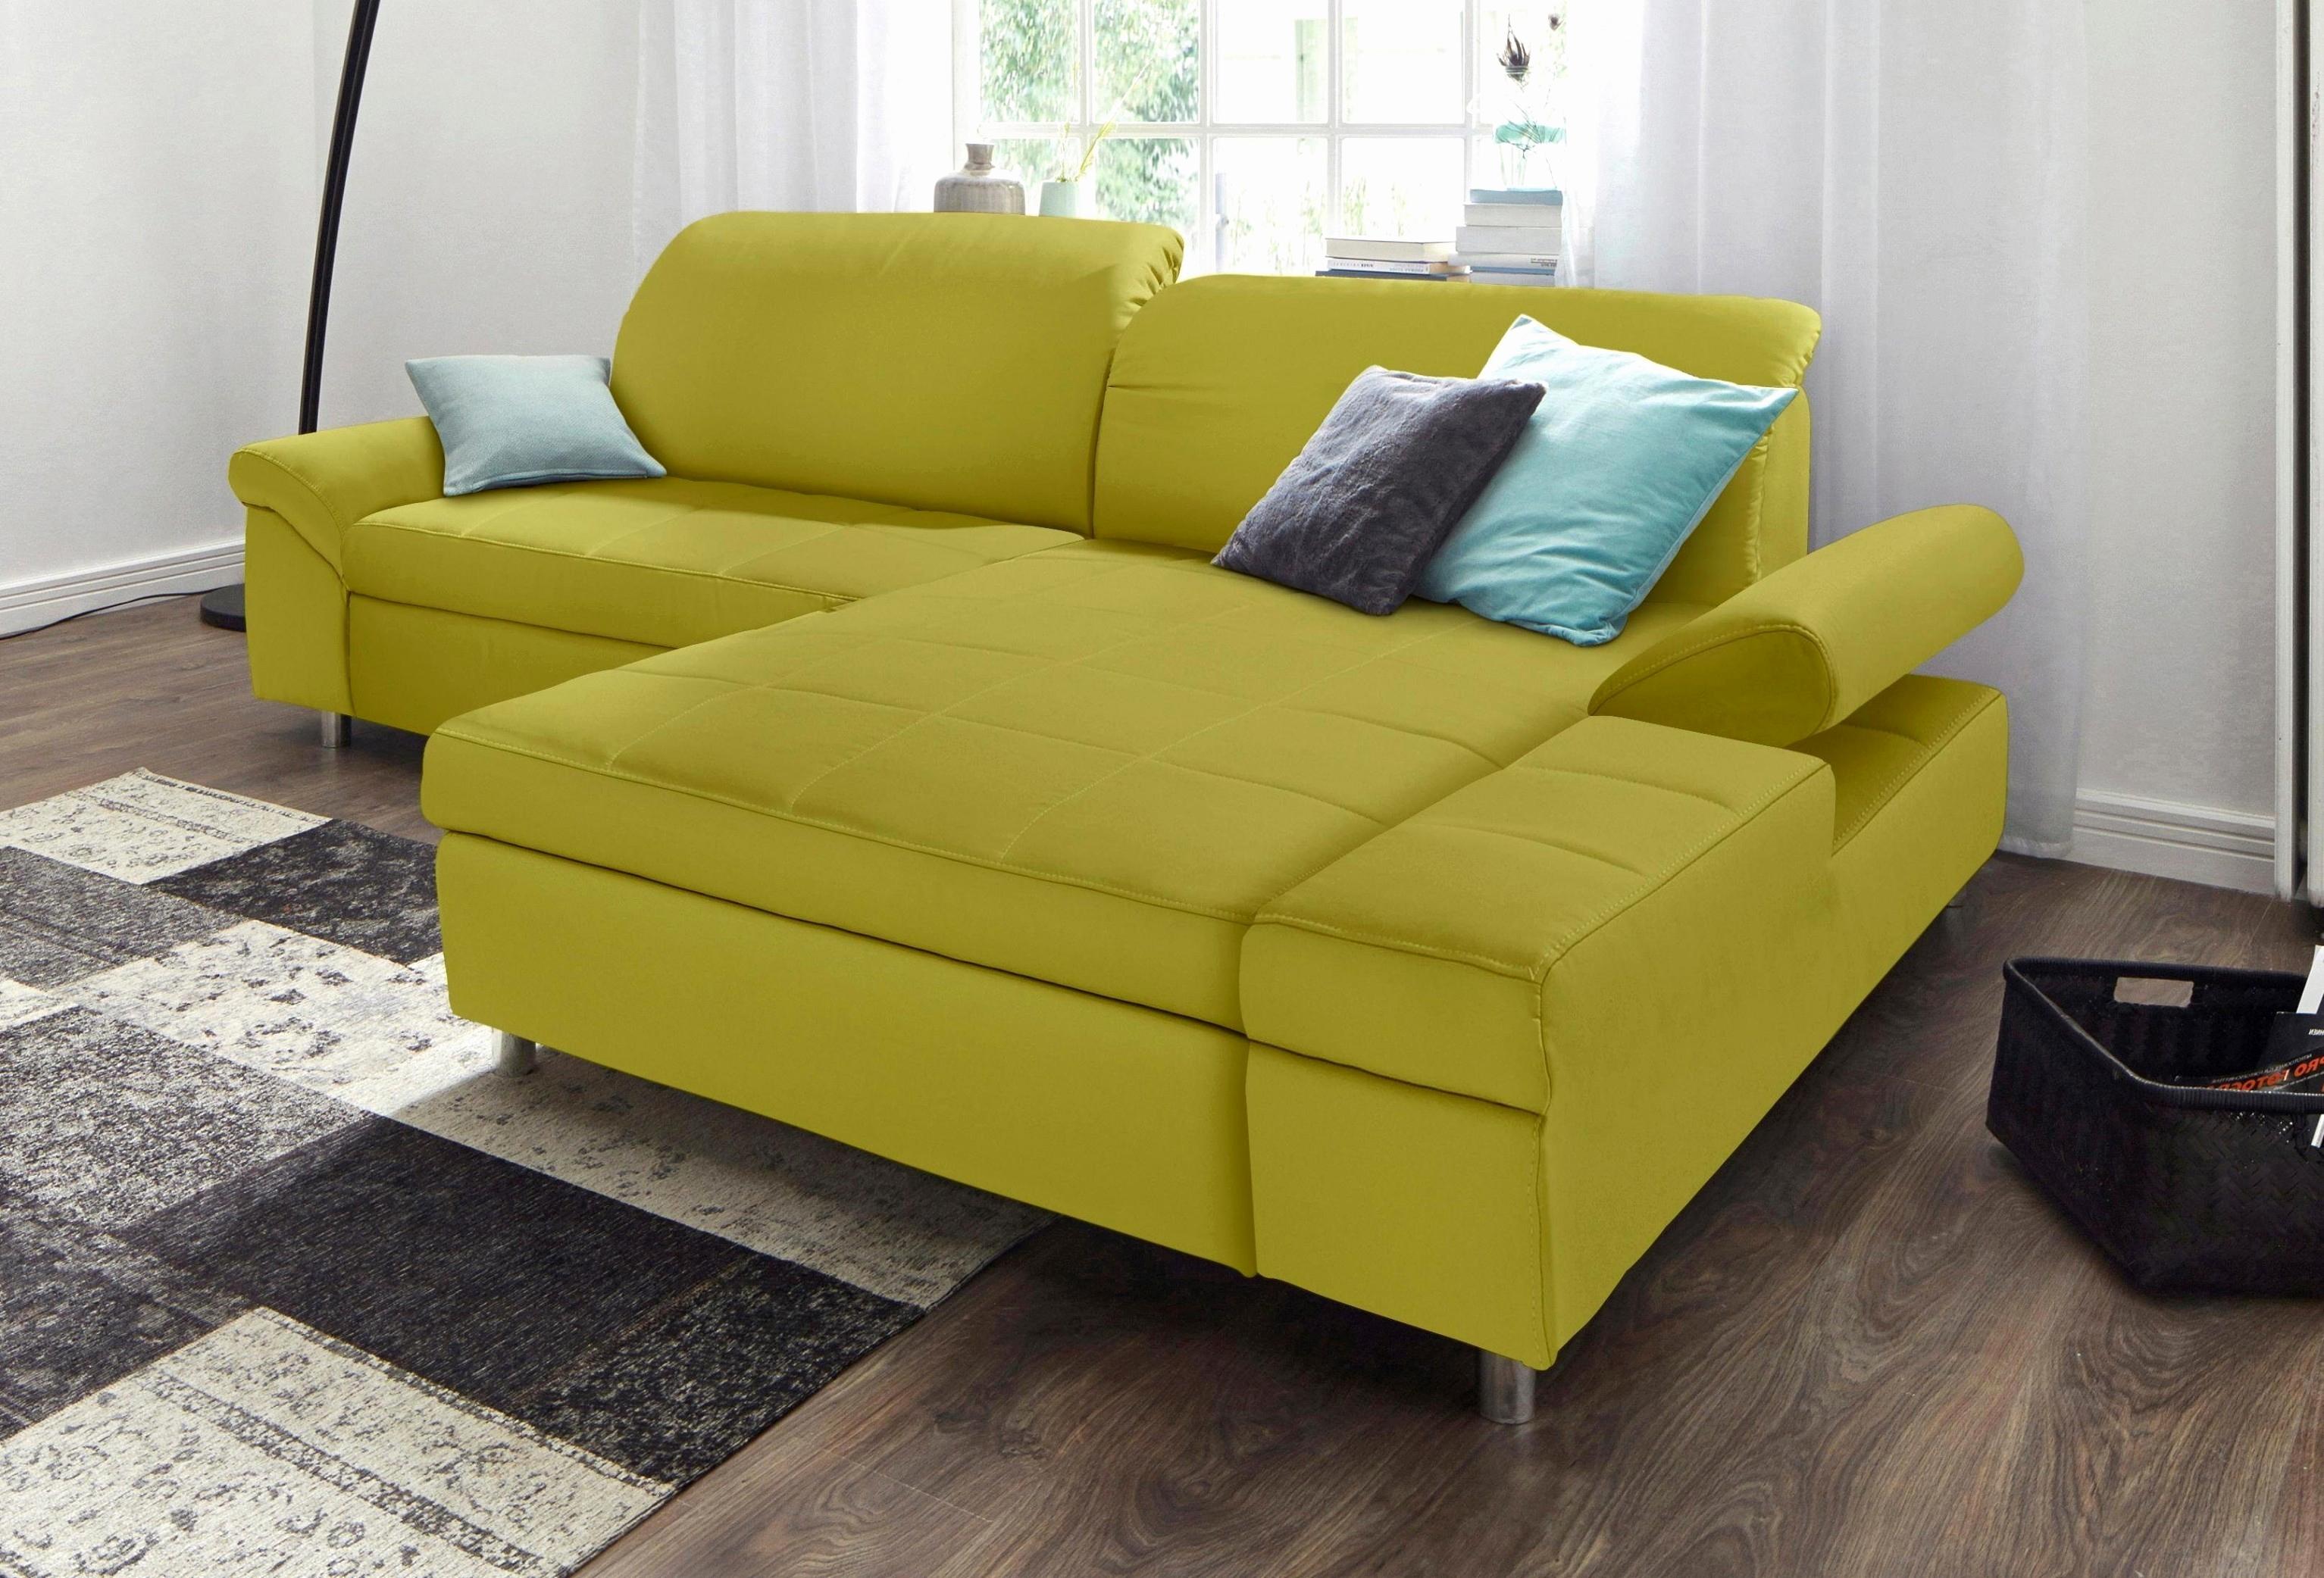 Friheten Ikea Avis Impressionnant Stock 50 Unique Friheten sofa Bed Ikea Reviews Pics 50 S